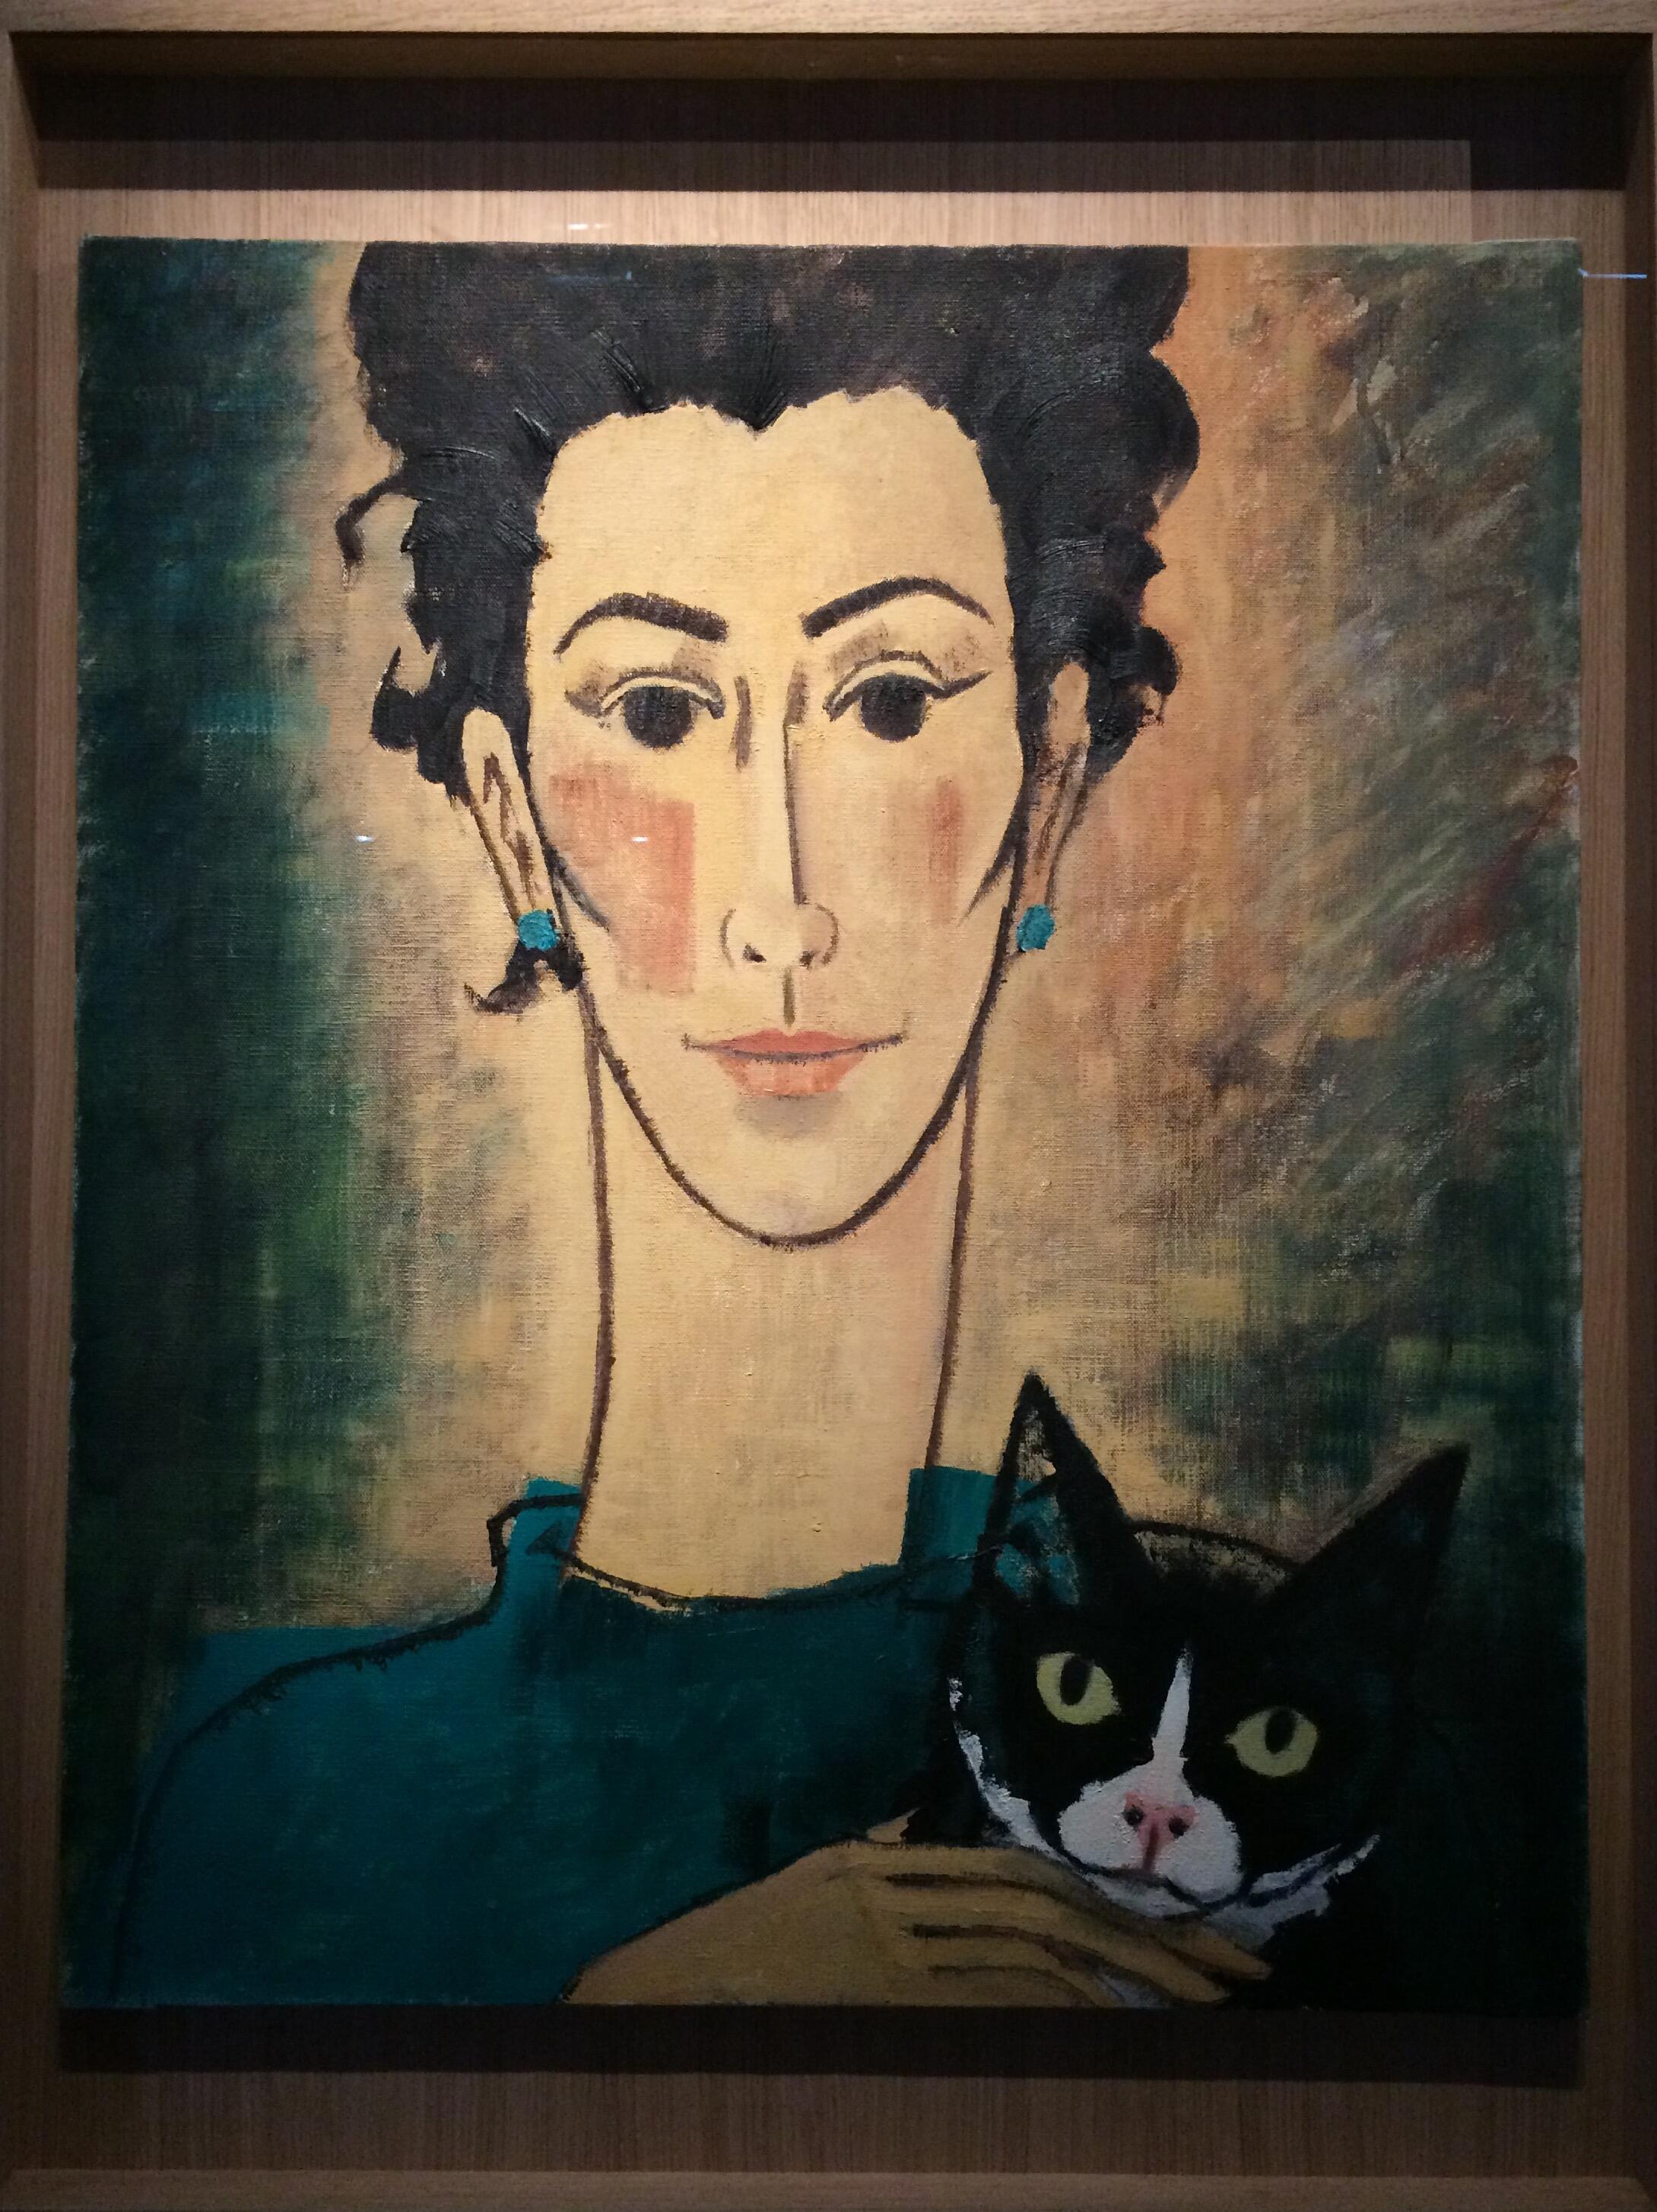 Fanny Vlamynck, người vợ thứ hai của Hergé, do họa sĩ vẽ. Triển lãm Hergé, Grand Palais, Paris.